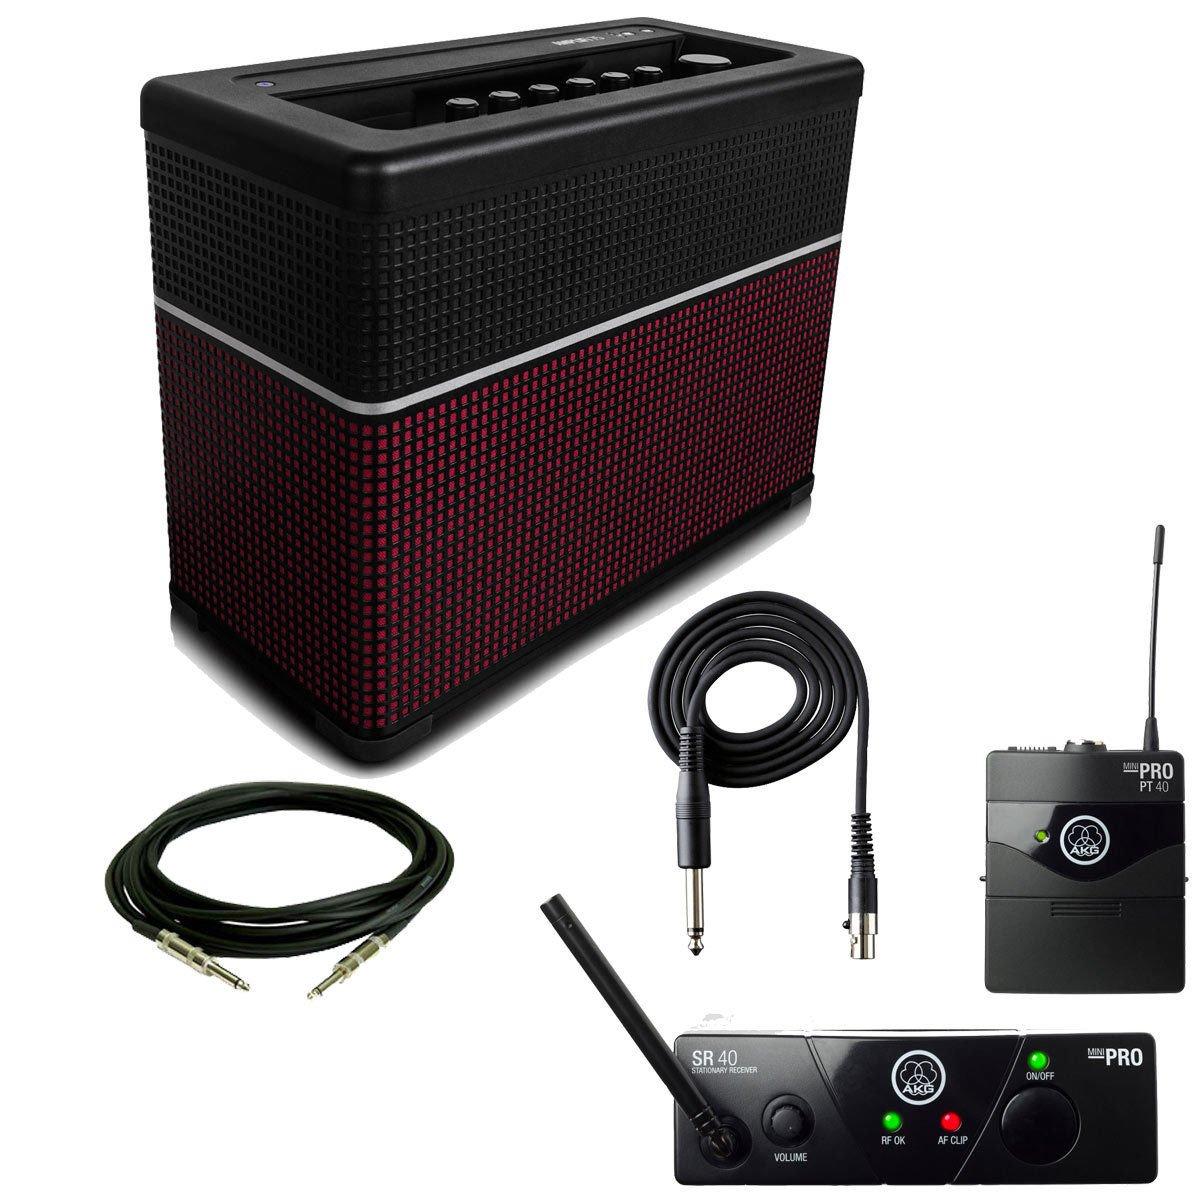 Line 6 AMPLIFi 75 with AKG WMS40 MINI Wireless Instrumental Set